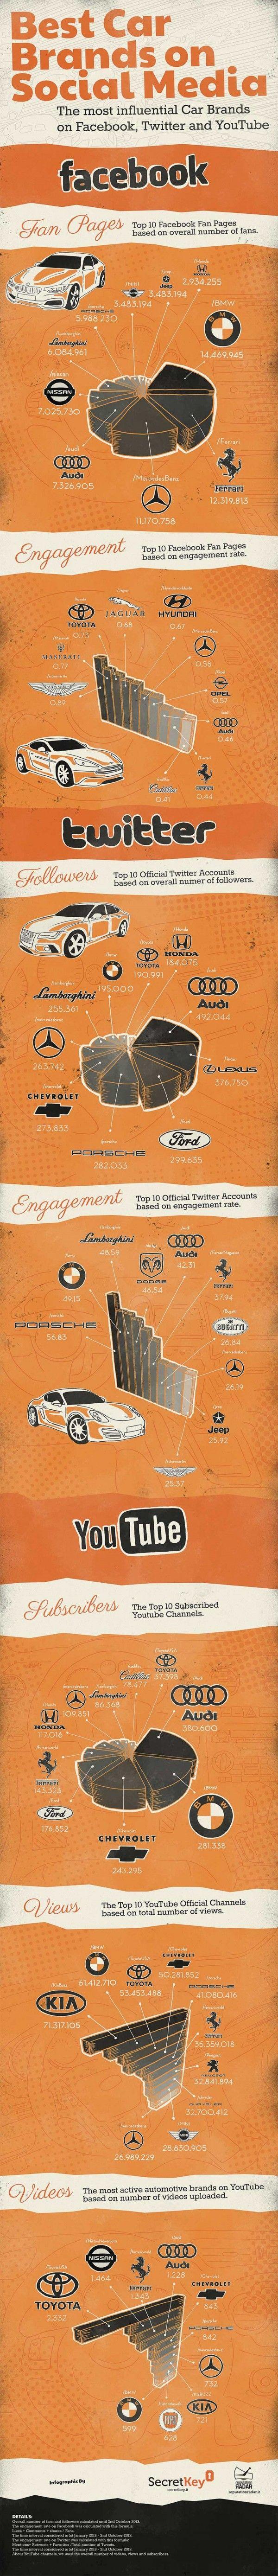 Best Car Brands On Social Media - Infographics Showcase